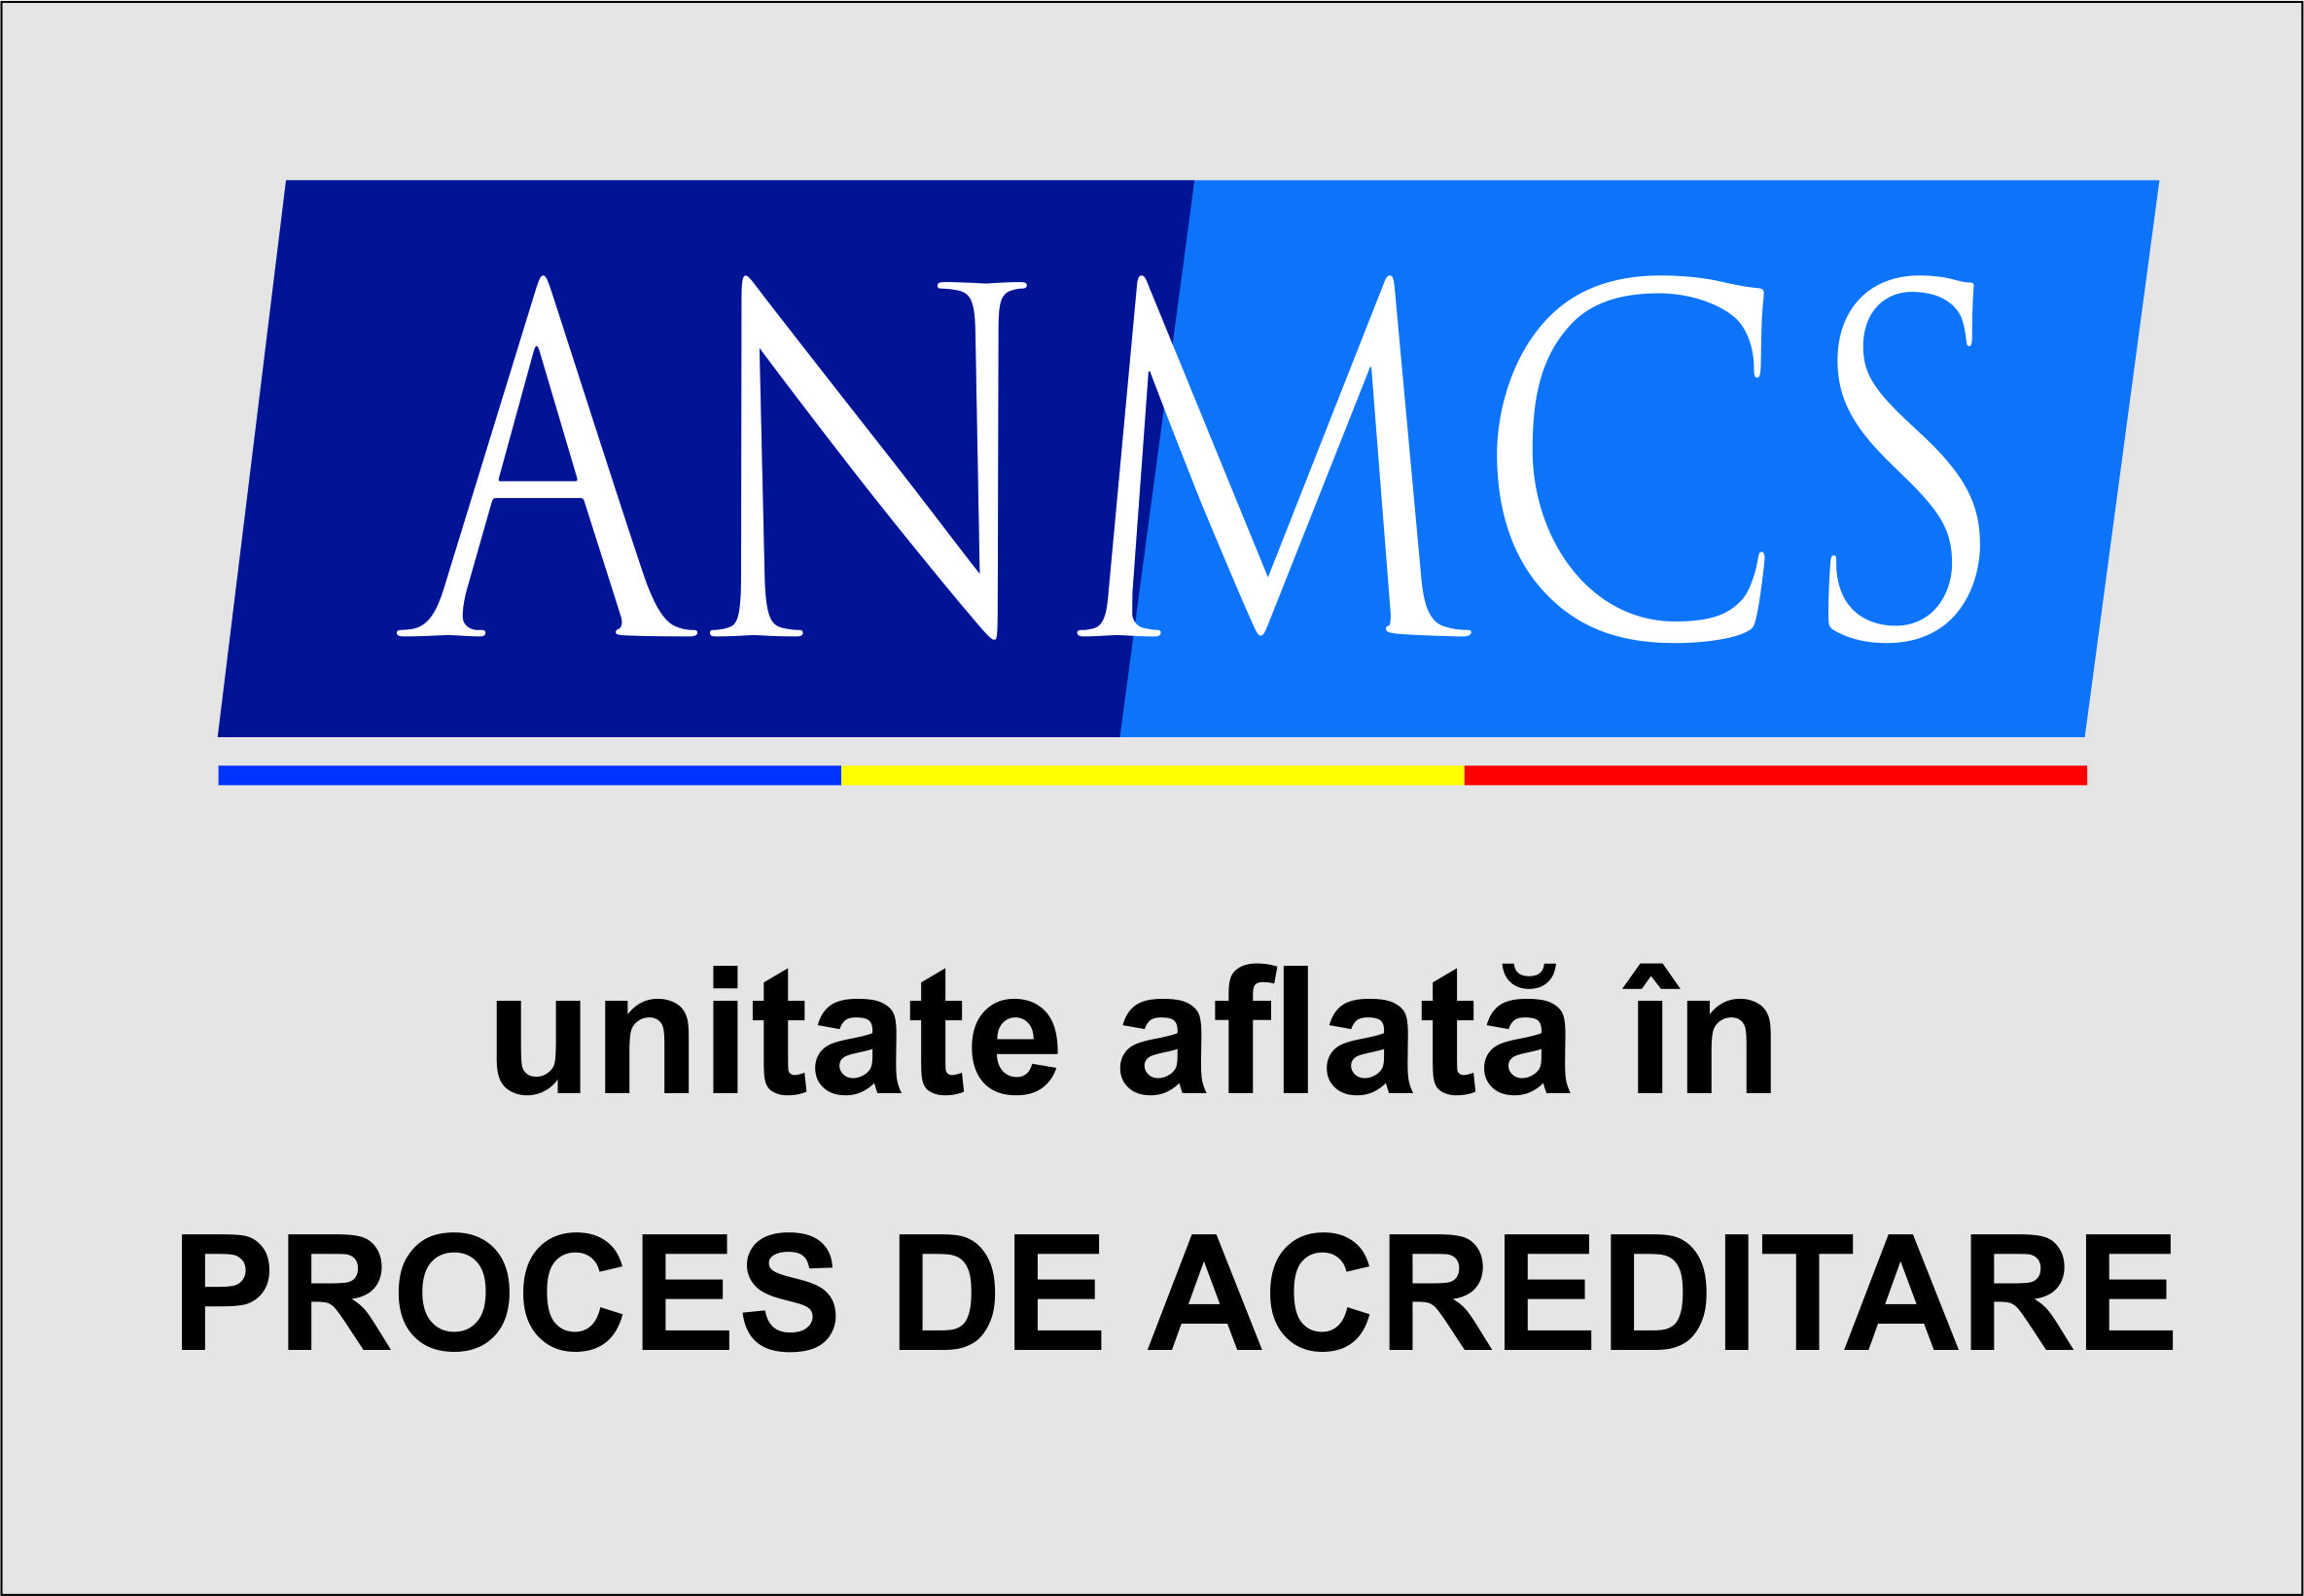 ANMCS